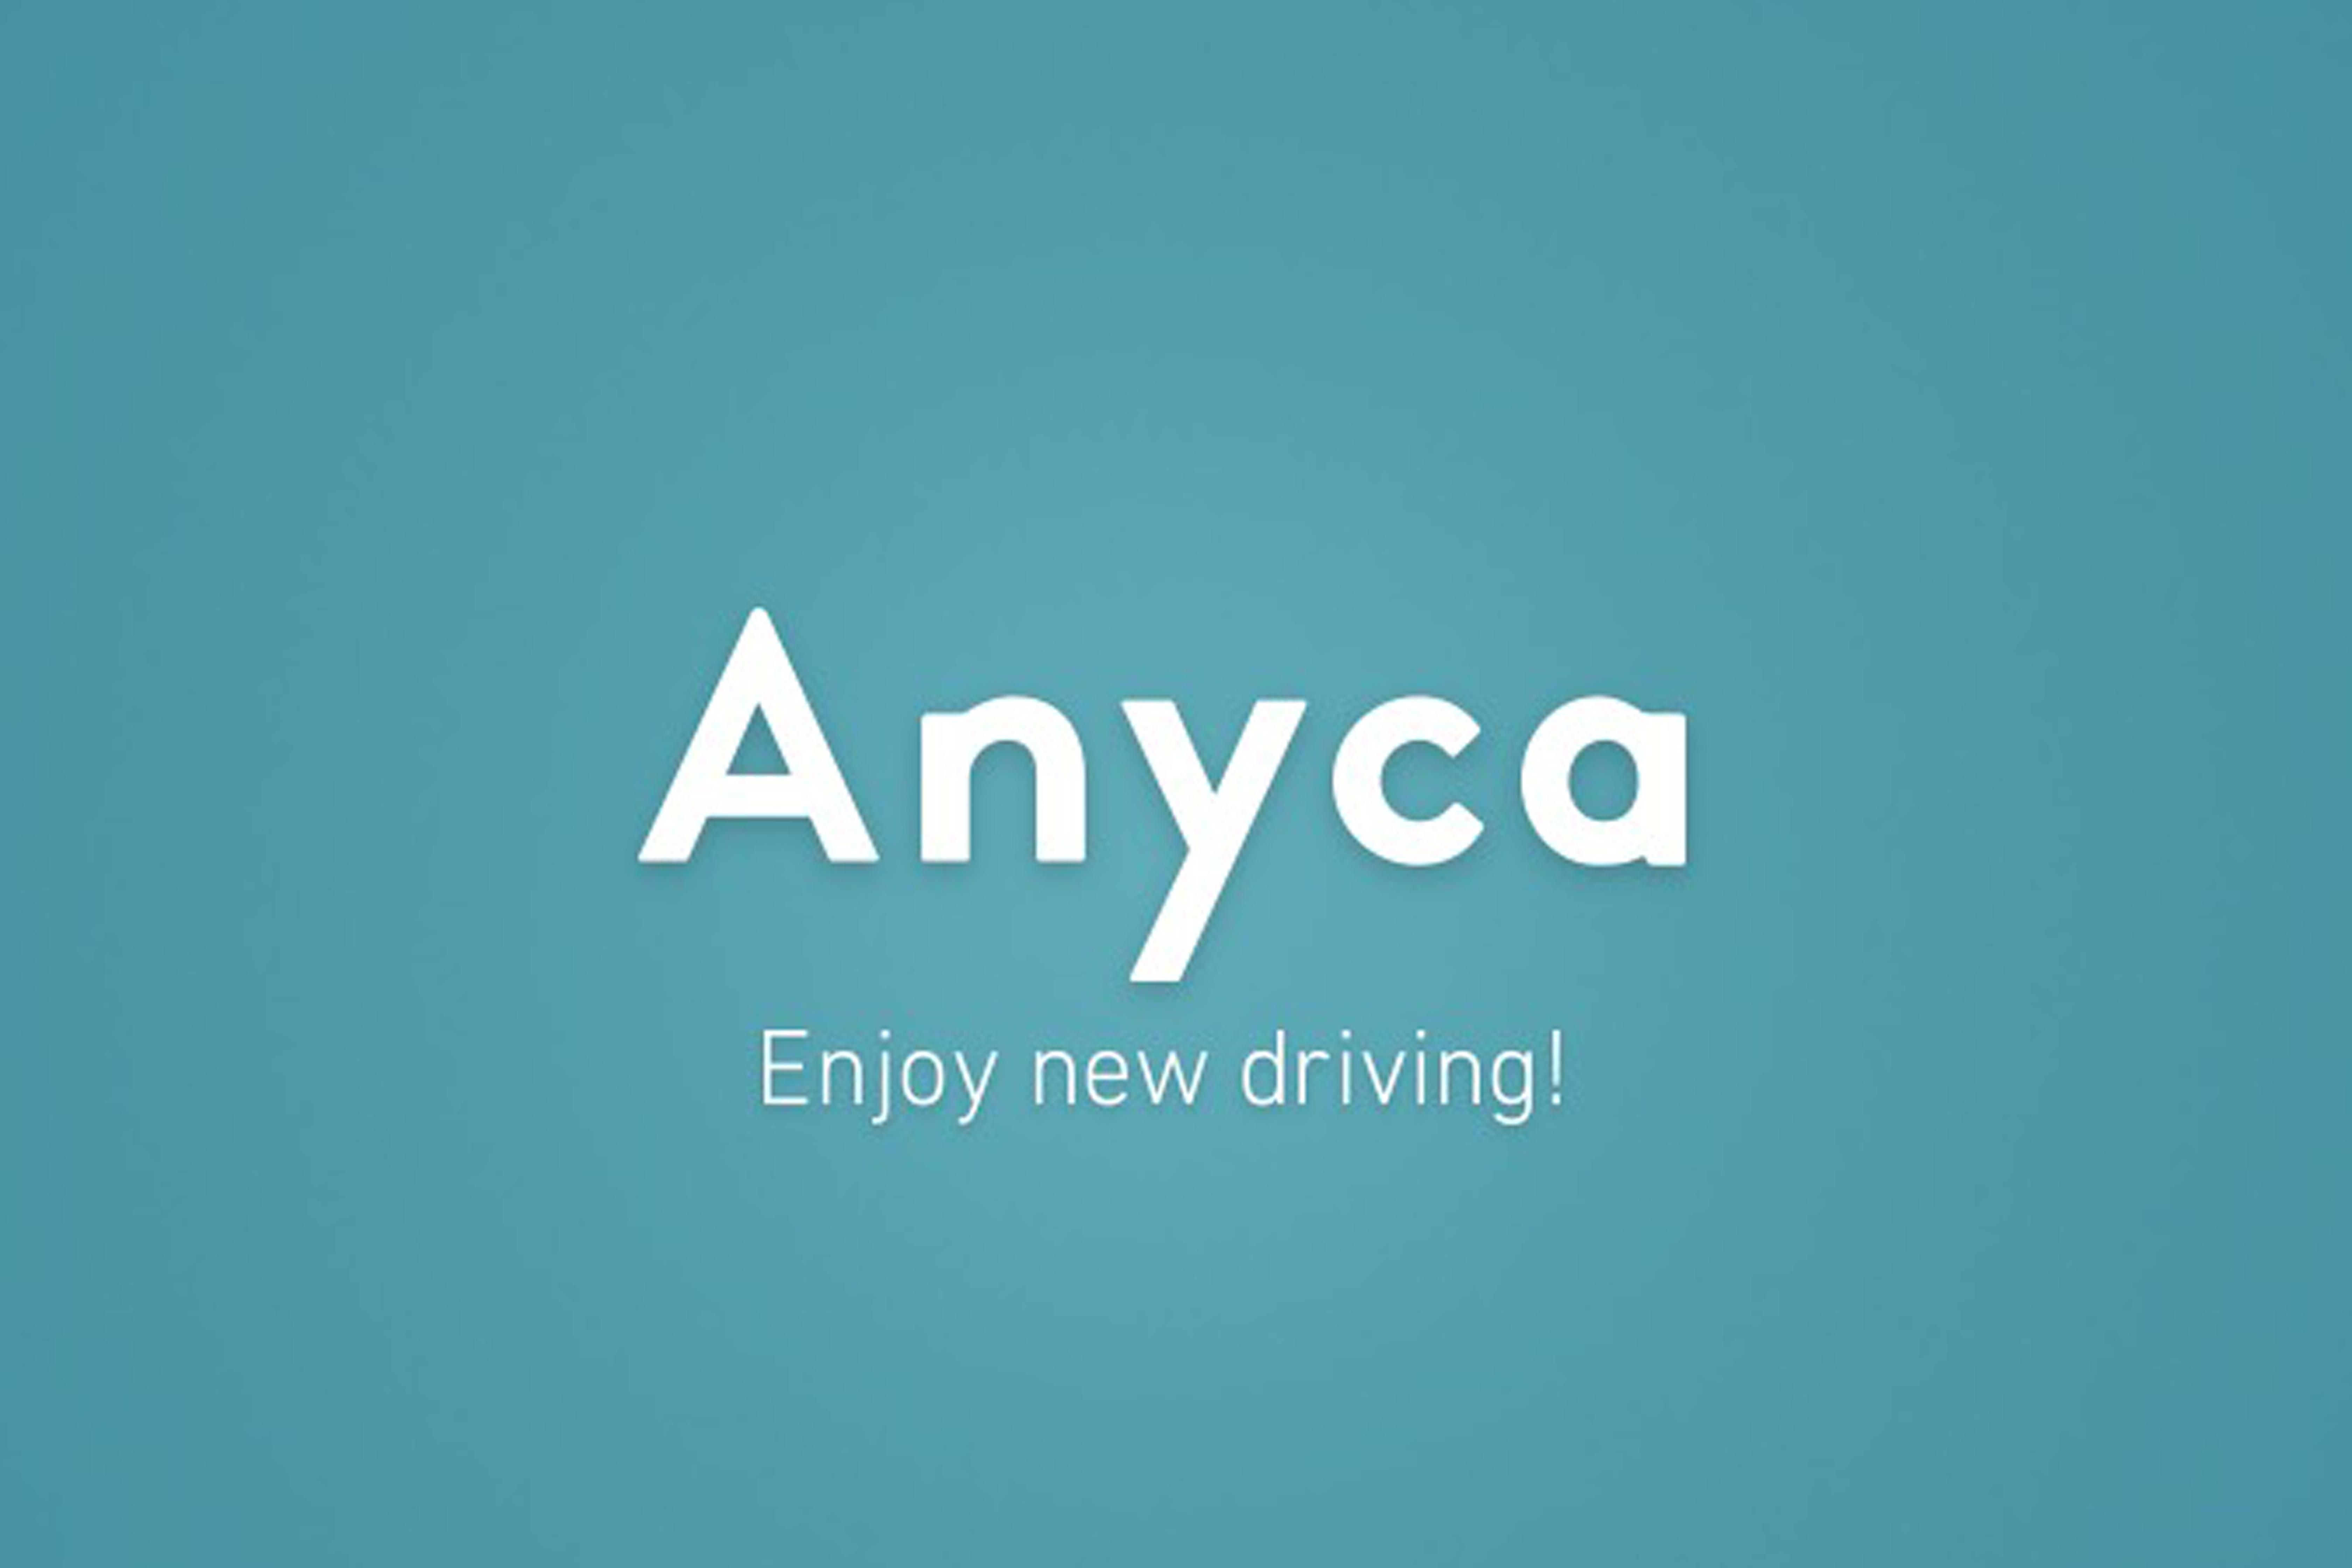 個人間カーシェアトップのAnycaがSOMPOホールディングスと組んで新会社設立のワケ